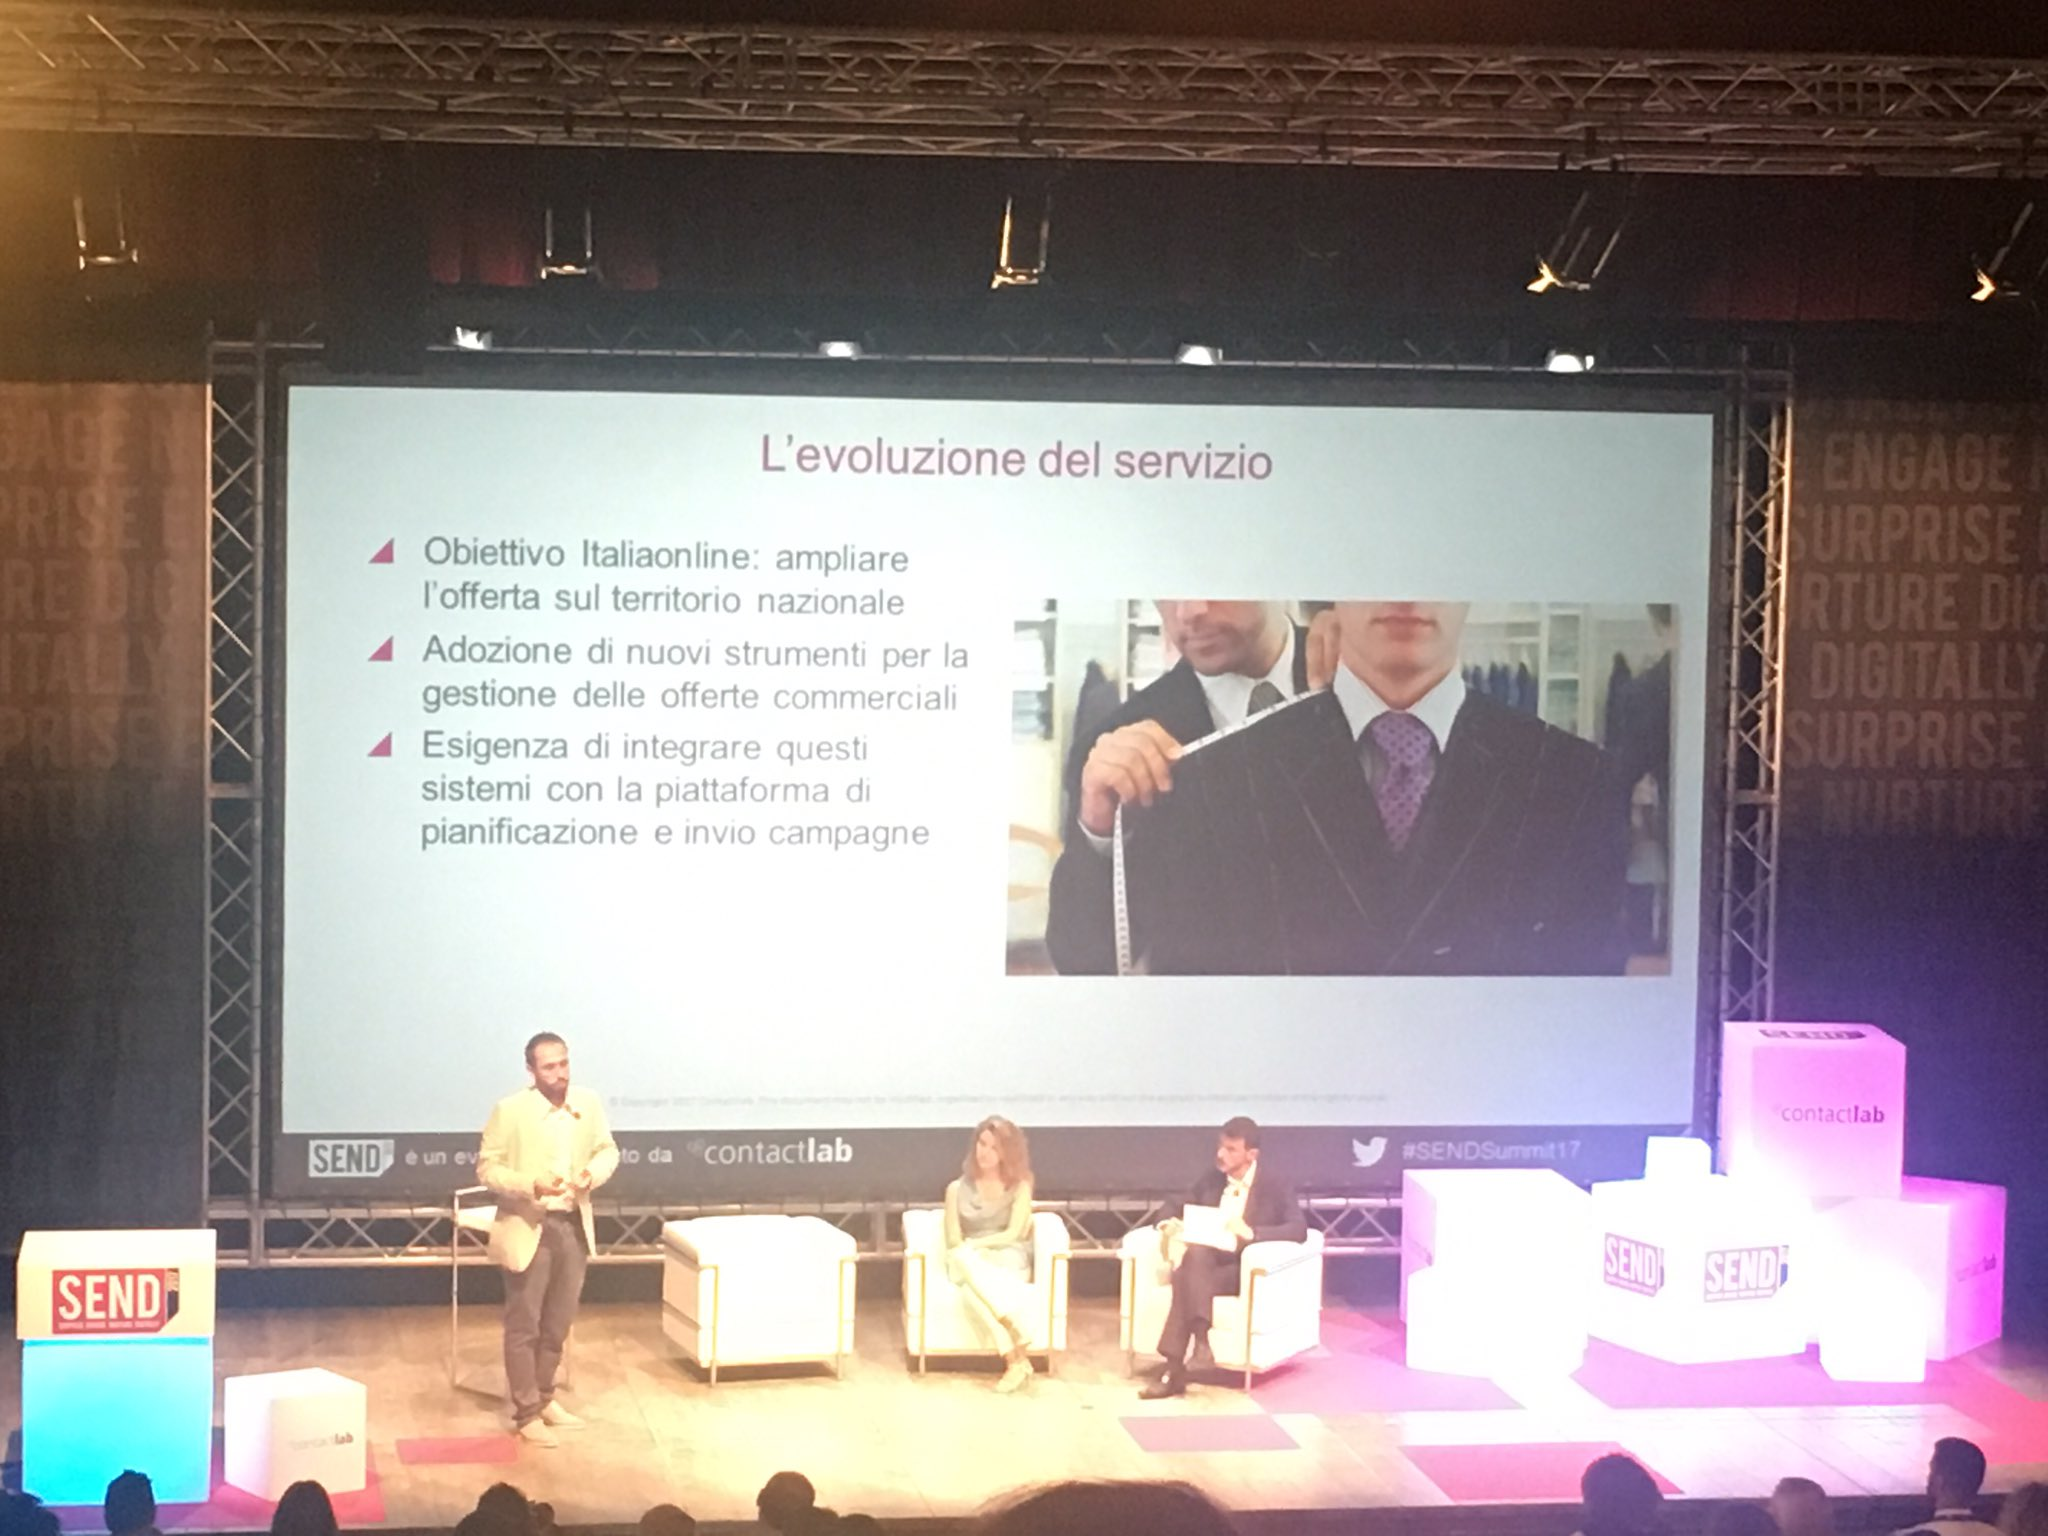 .@FabrizioCorti spiega come @ContactLab ha sviluppato il progetto con @italiaonline_it per ampliare l'offera sul territorio #SENDSummit17 https://t.co/vVdHmsBZTh